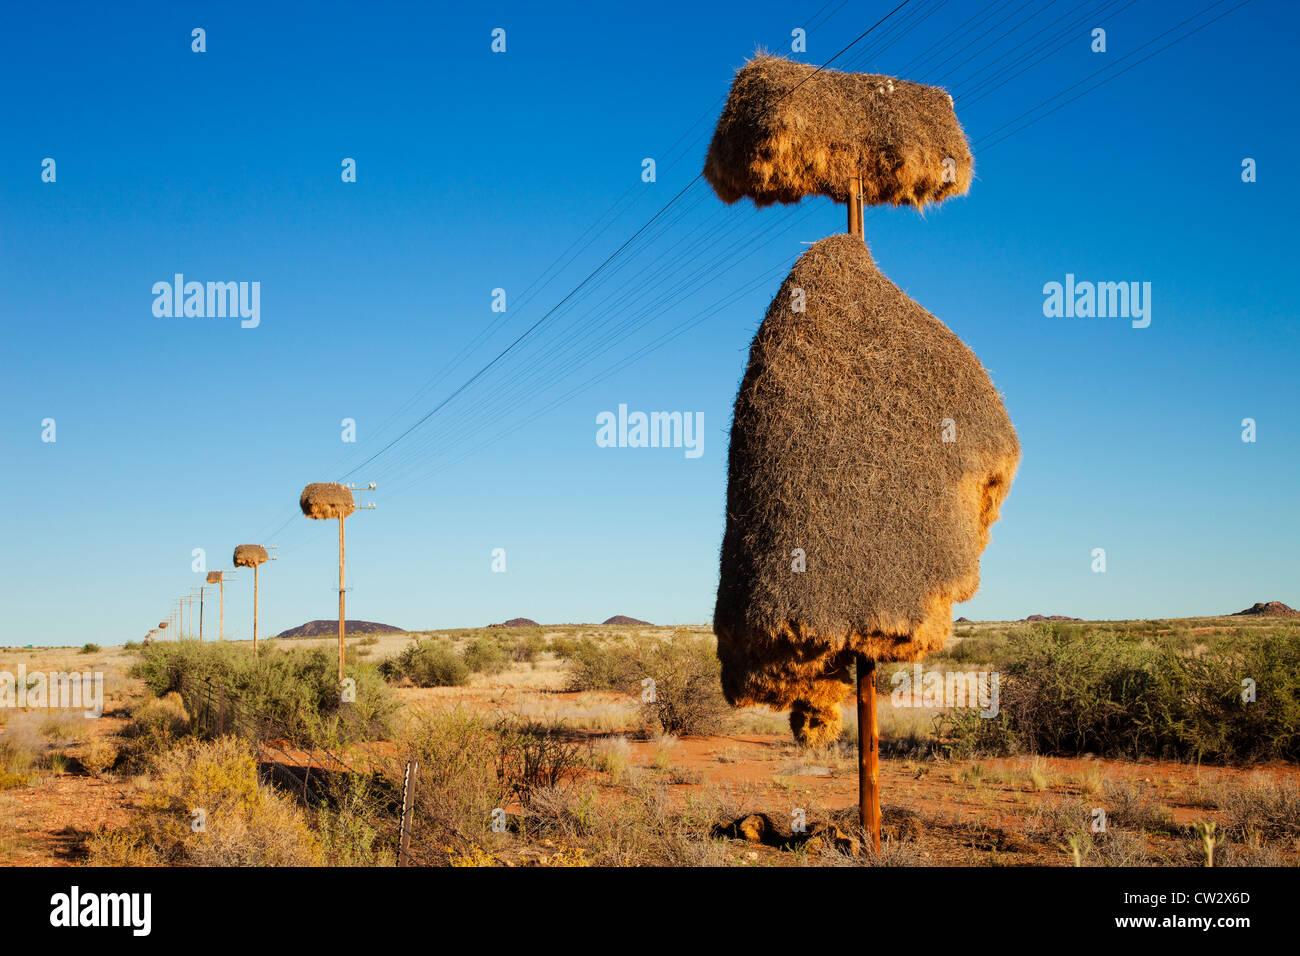 Sociable Weaver nest (Philetairus socius)faite sur un poteau téléphonique.La Namibie Photo Stock